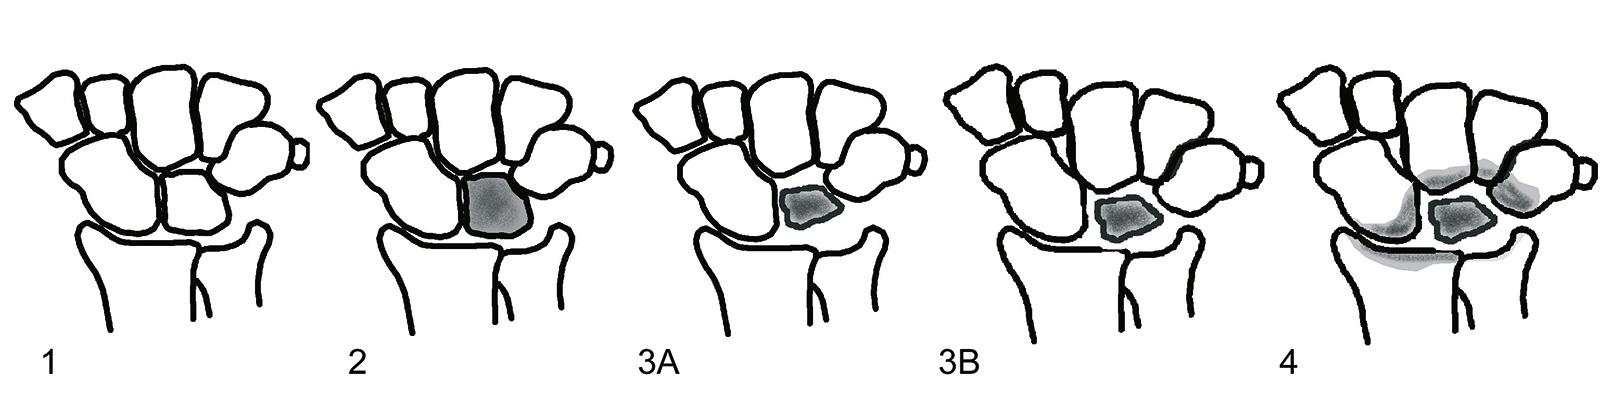 Abb. 7-31: Einteilung des Morbus Kienböck nach Stahl und Lichtmann